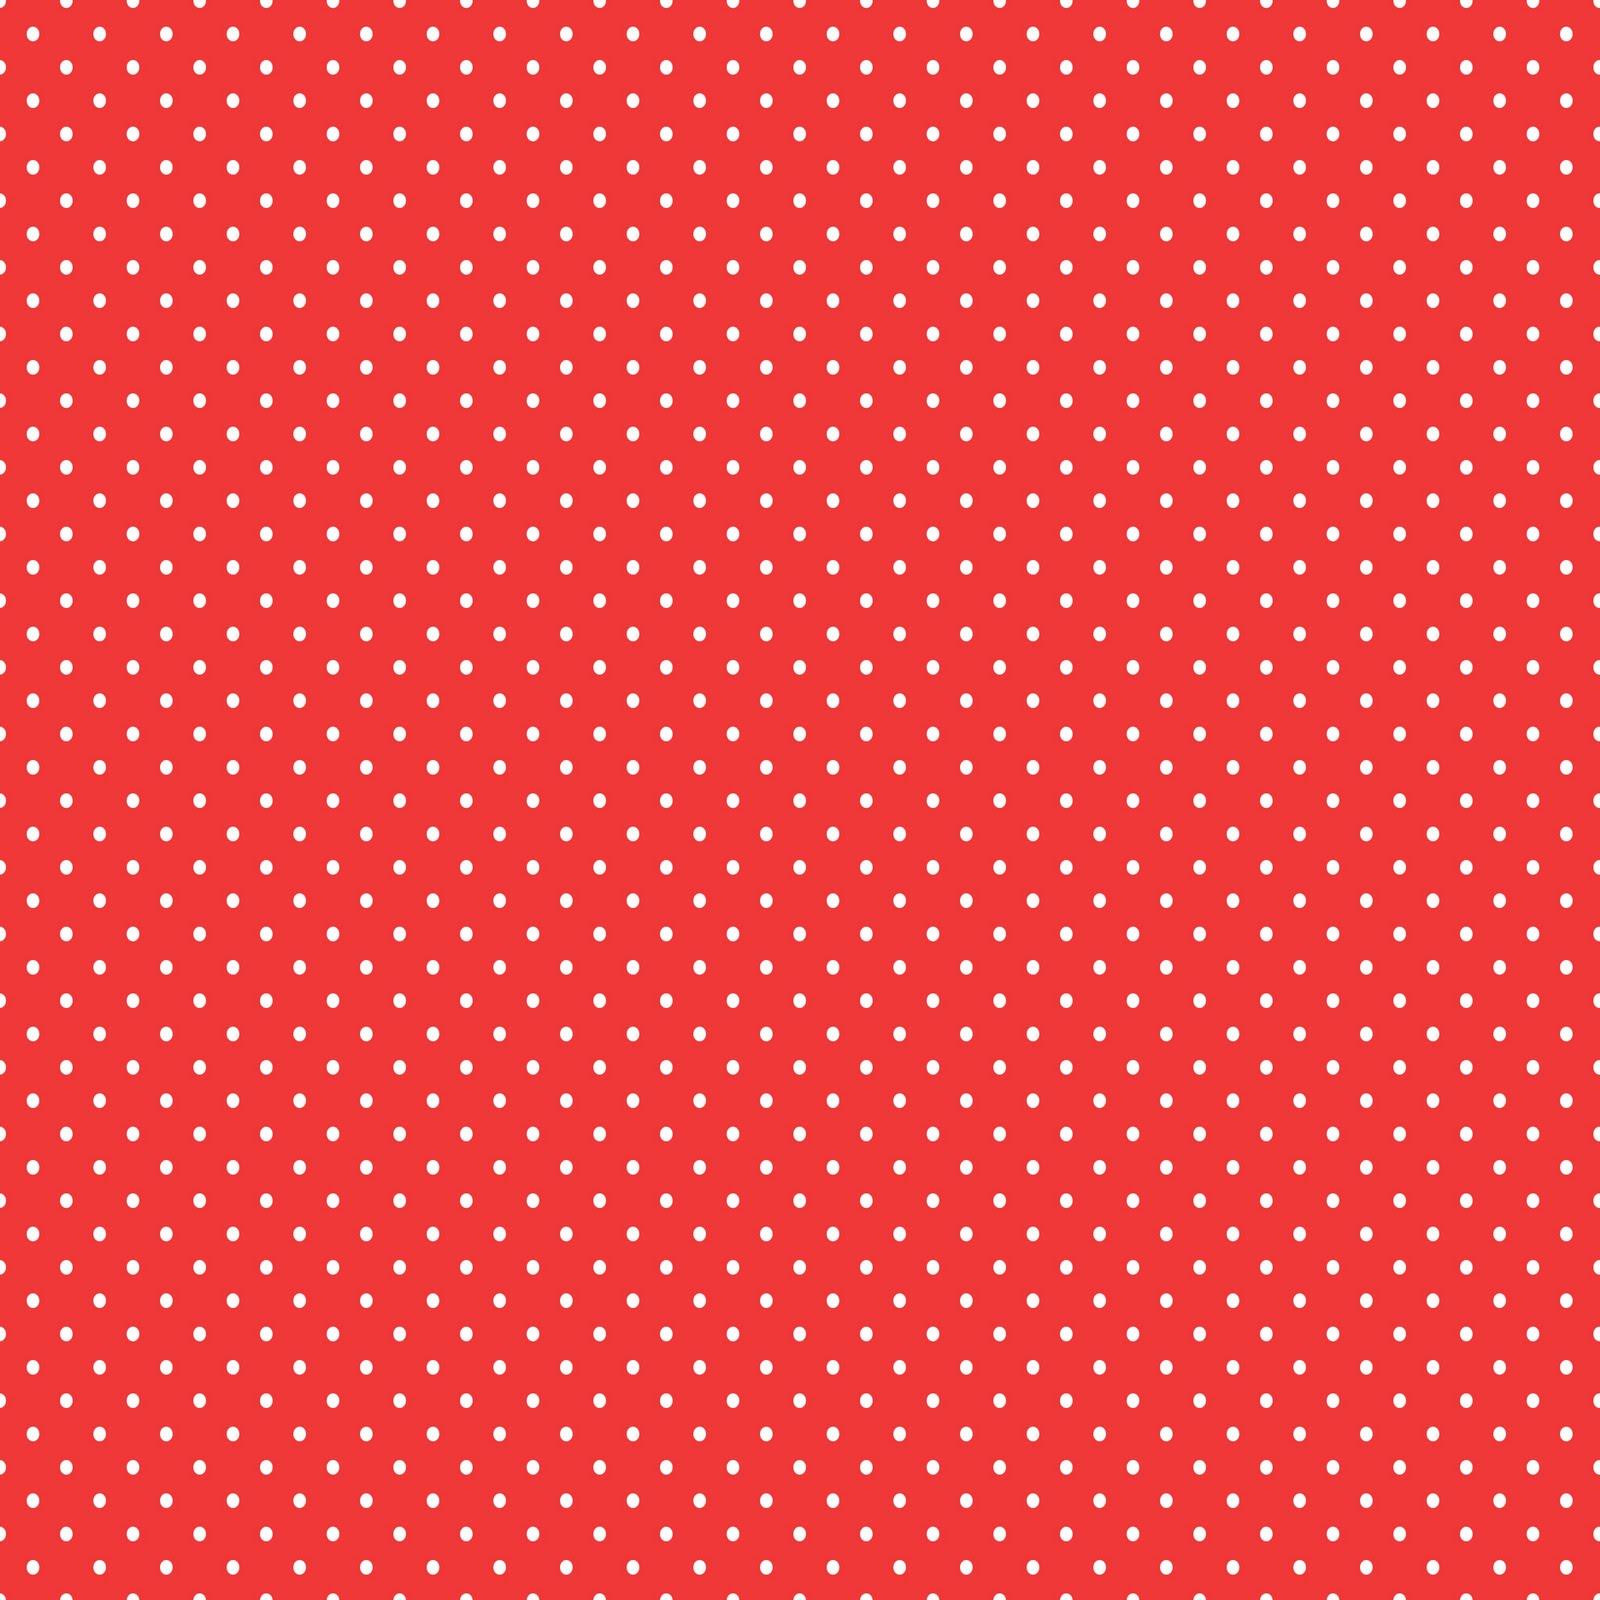 Scrapbook paper as wallpaper - Digital Stamps Free Digital Scrapbook Paper Red Polka Dots